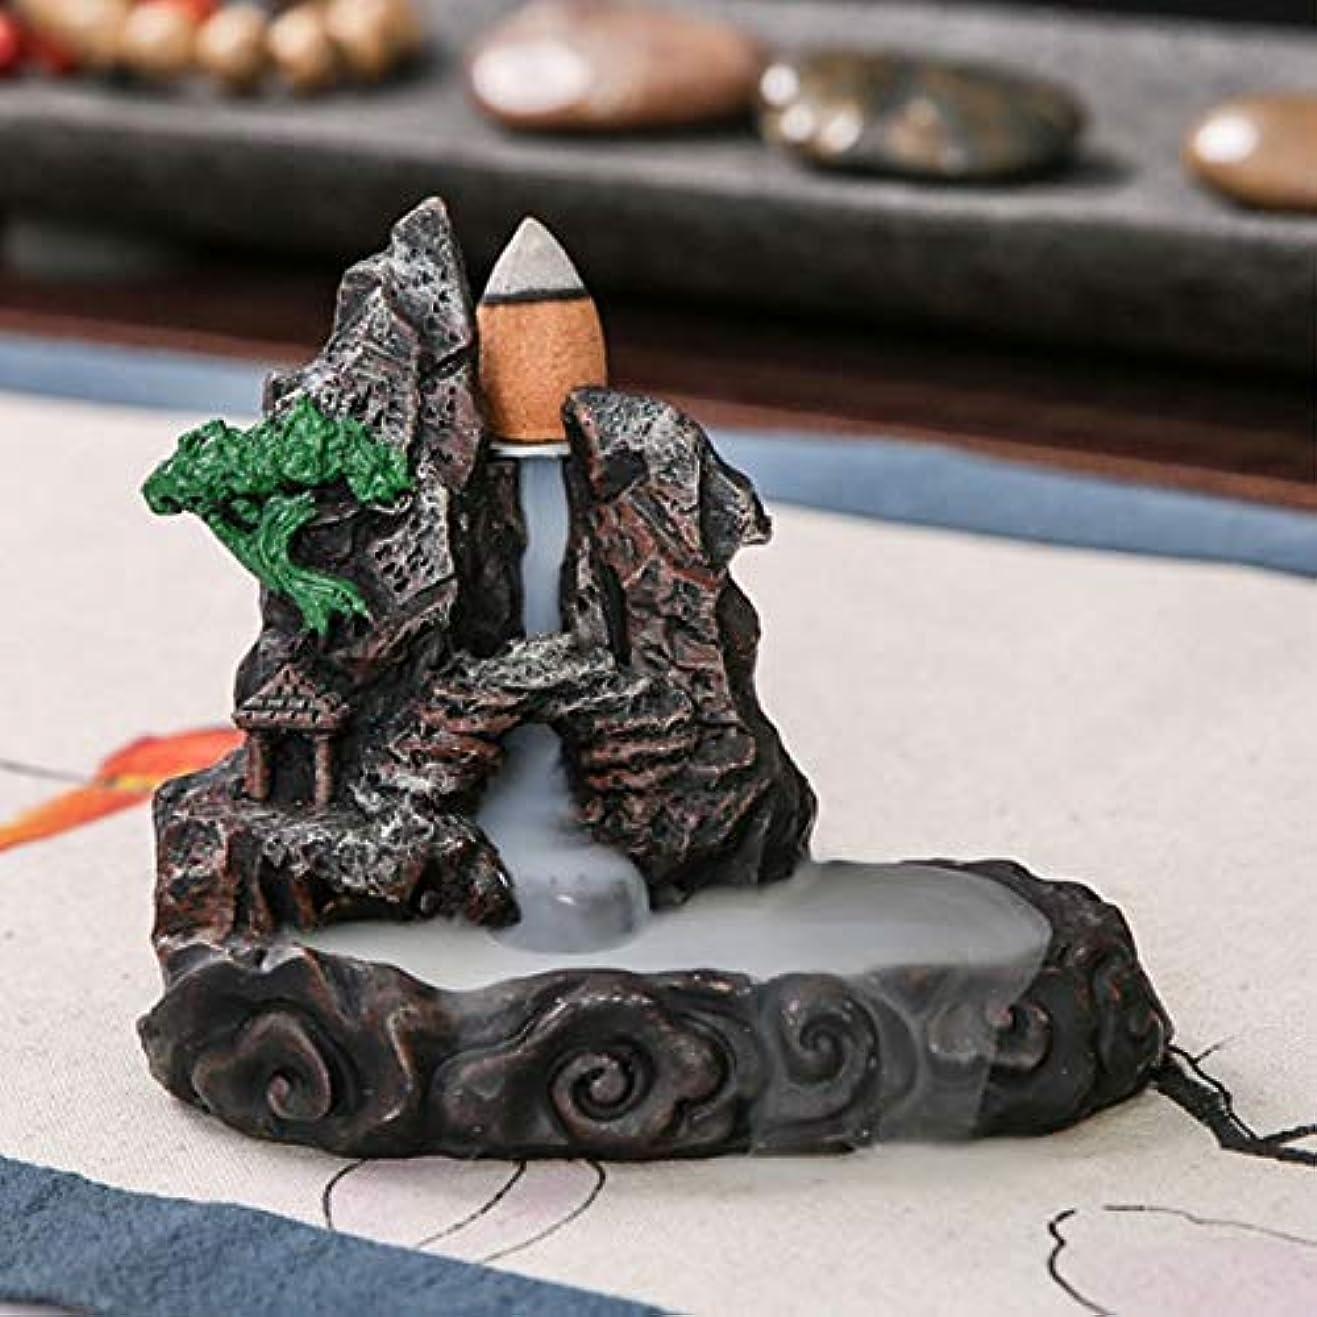 ハシー決めます兄お香炉 流れるようなセラミック製煙山デザイン 香炉 香炉 タワーホルダー ホームインテリア ブラック 733153361444